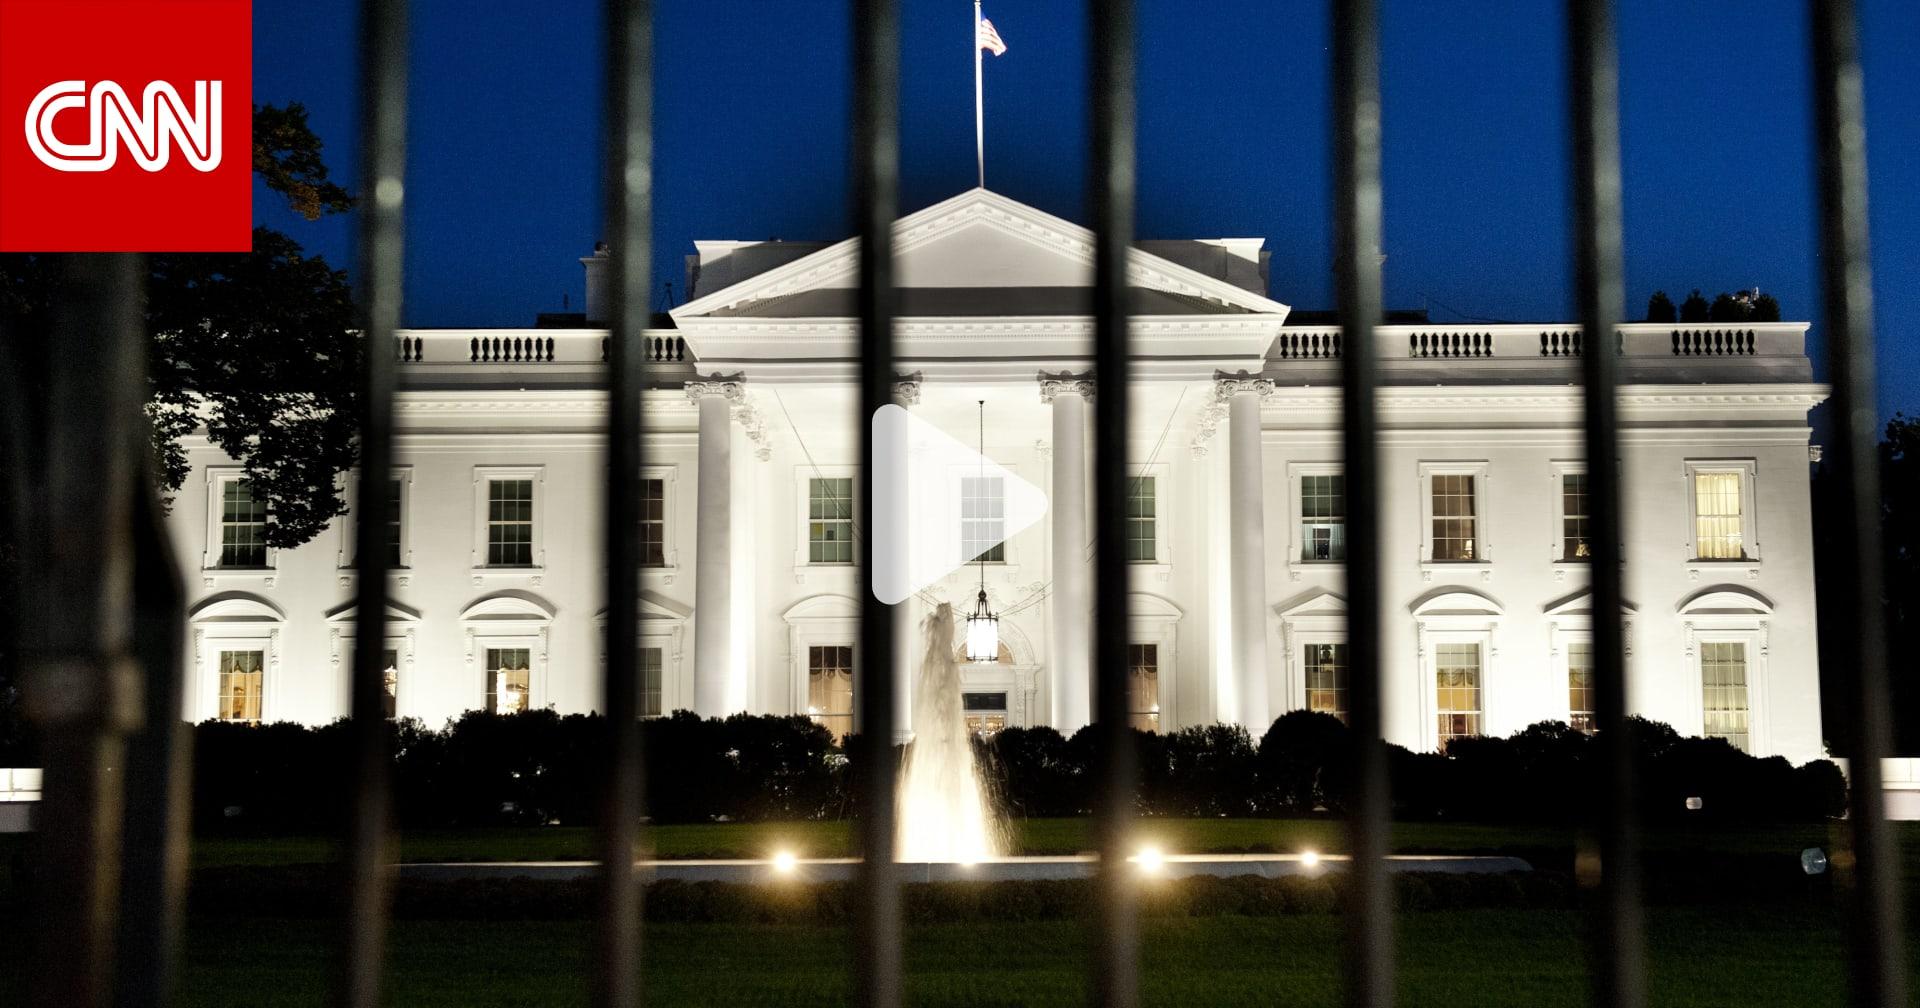 ما تكاليف تنظيف البيت الأبيض لتعقيمه وسط جائحة كورونا قبل انتقال بايدن إليه؟